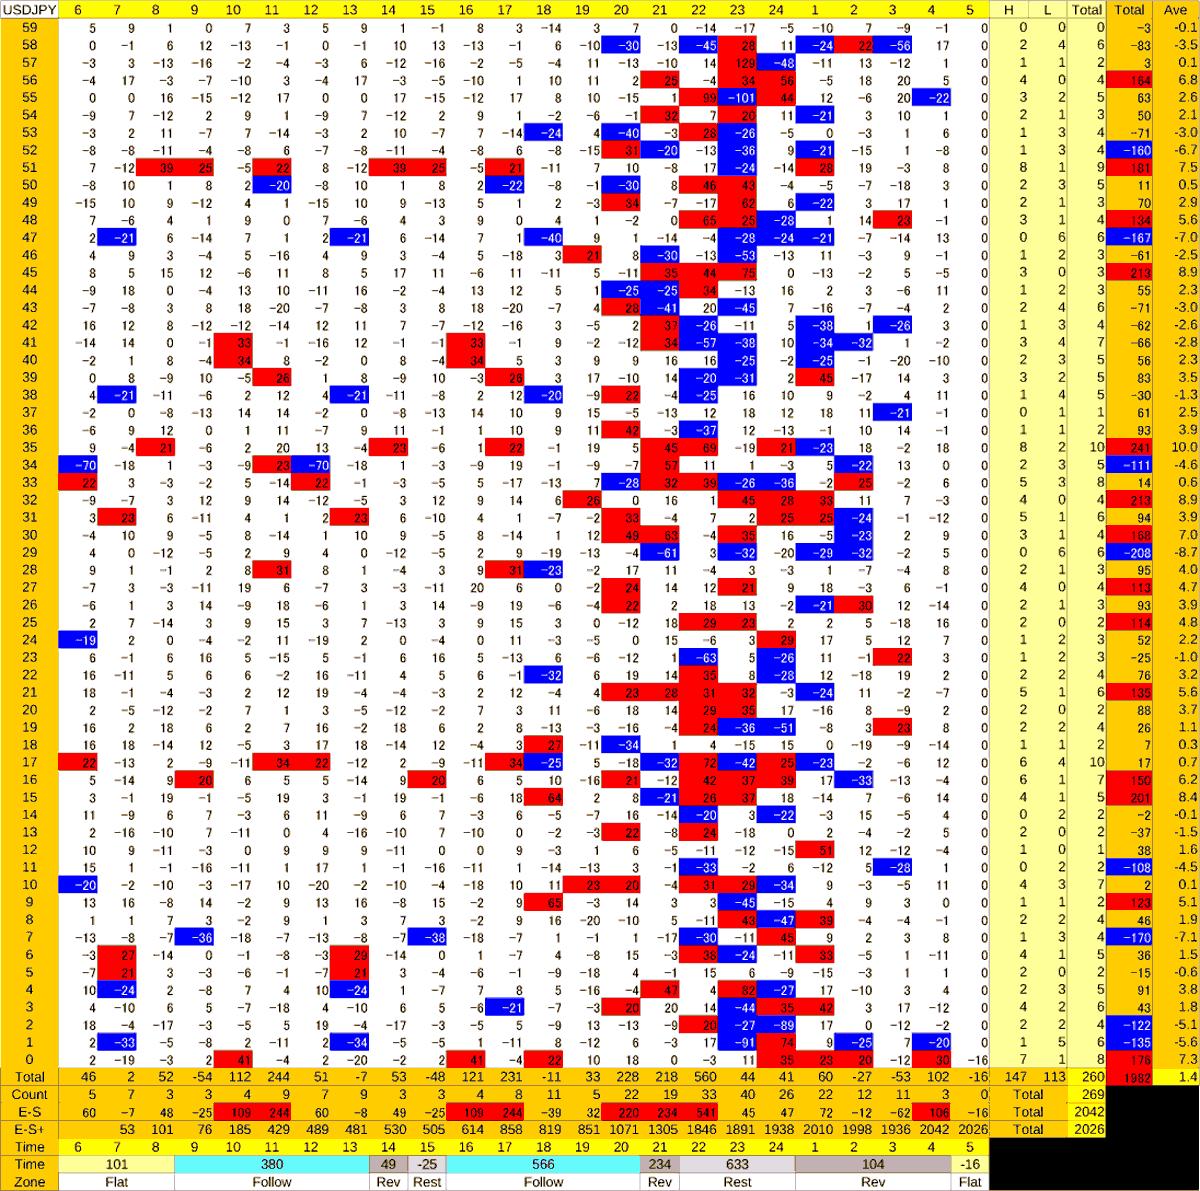 20200731_HS(1)USDJPY